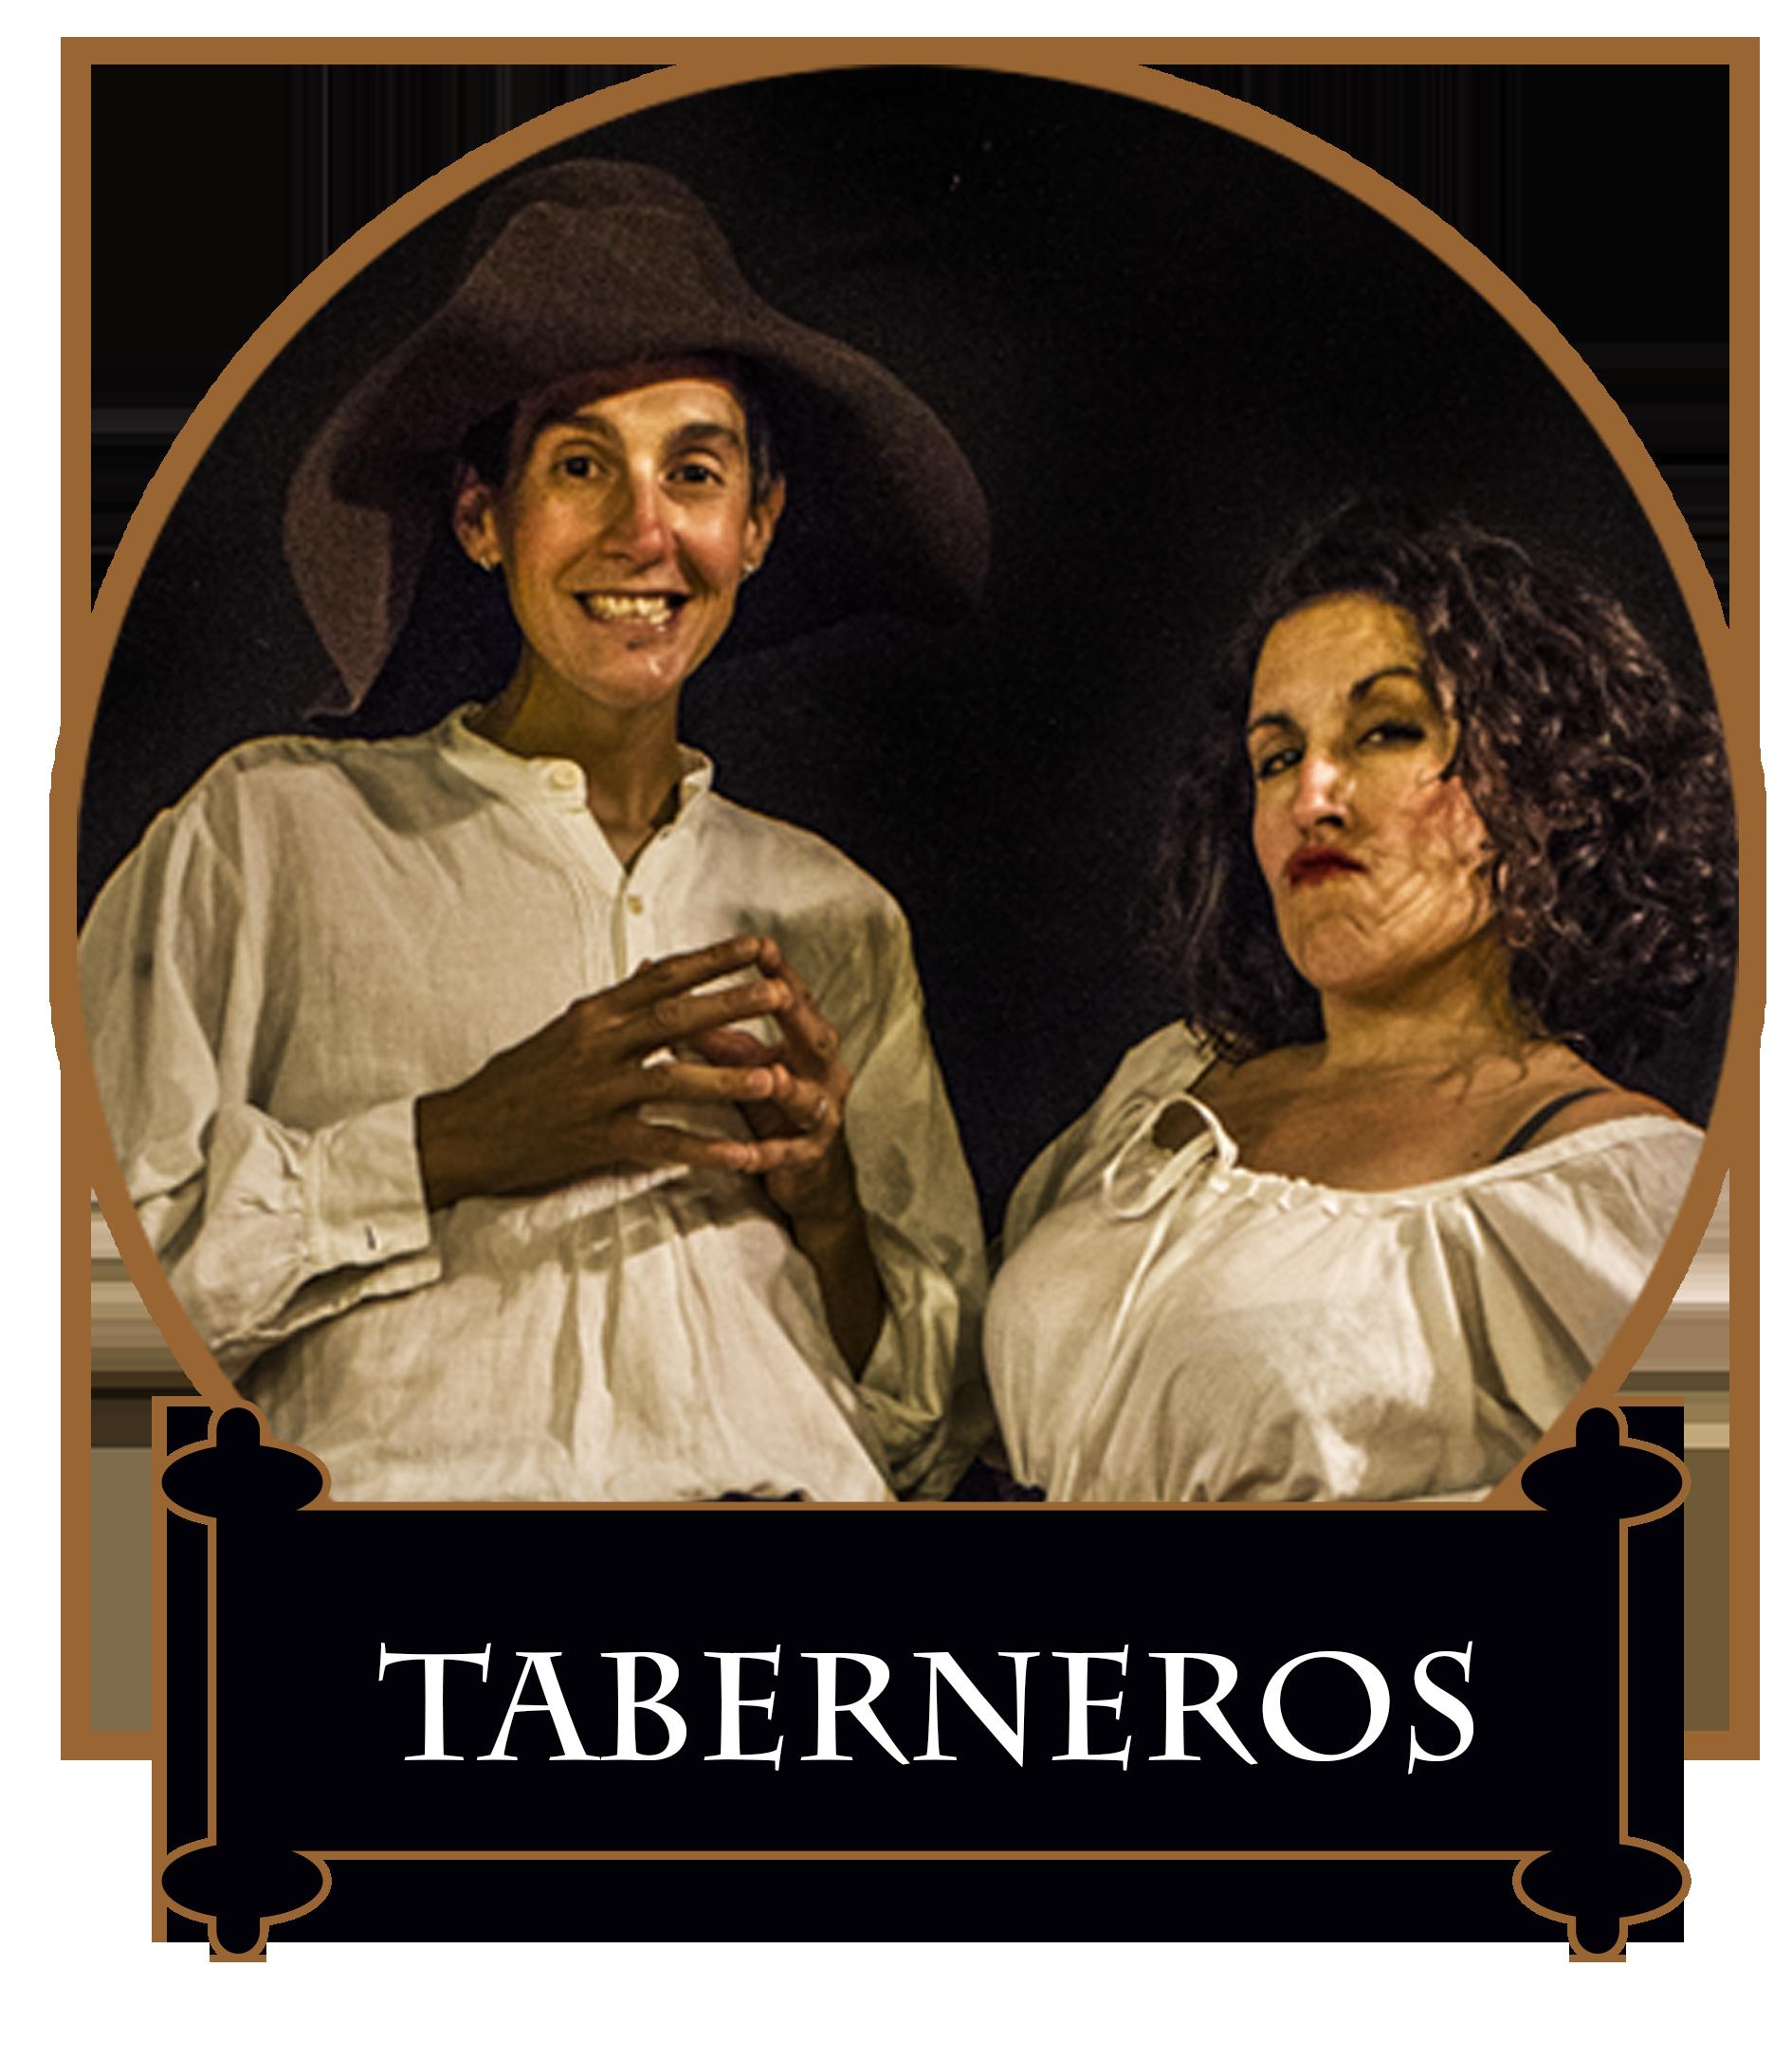 TABERNEROS